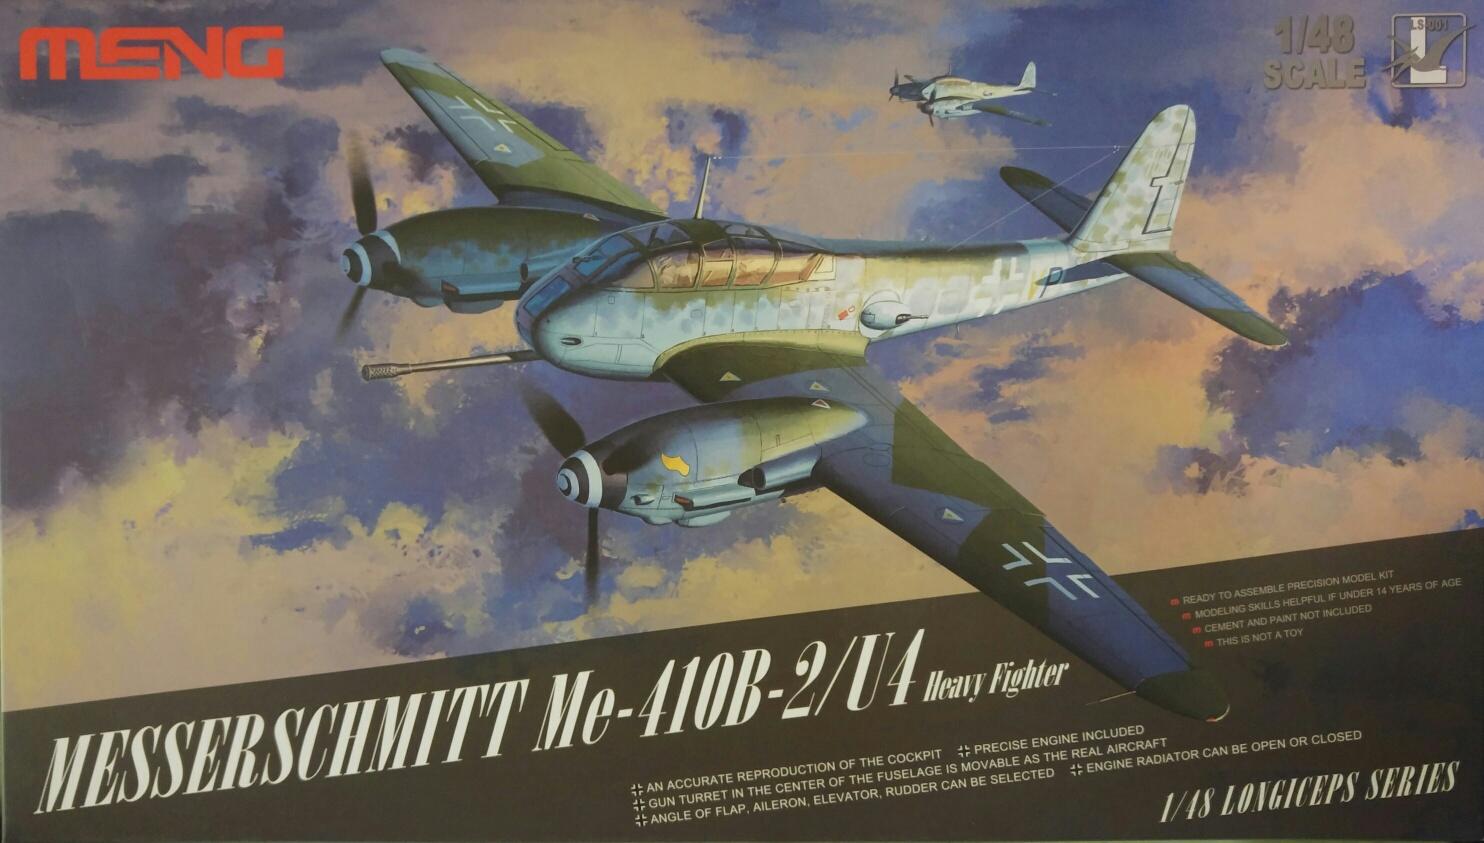 Meng LS-001 Messerschmitt Me-410B -2/U4 Heavy Fighter